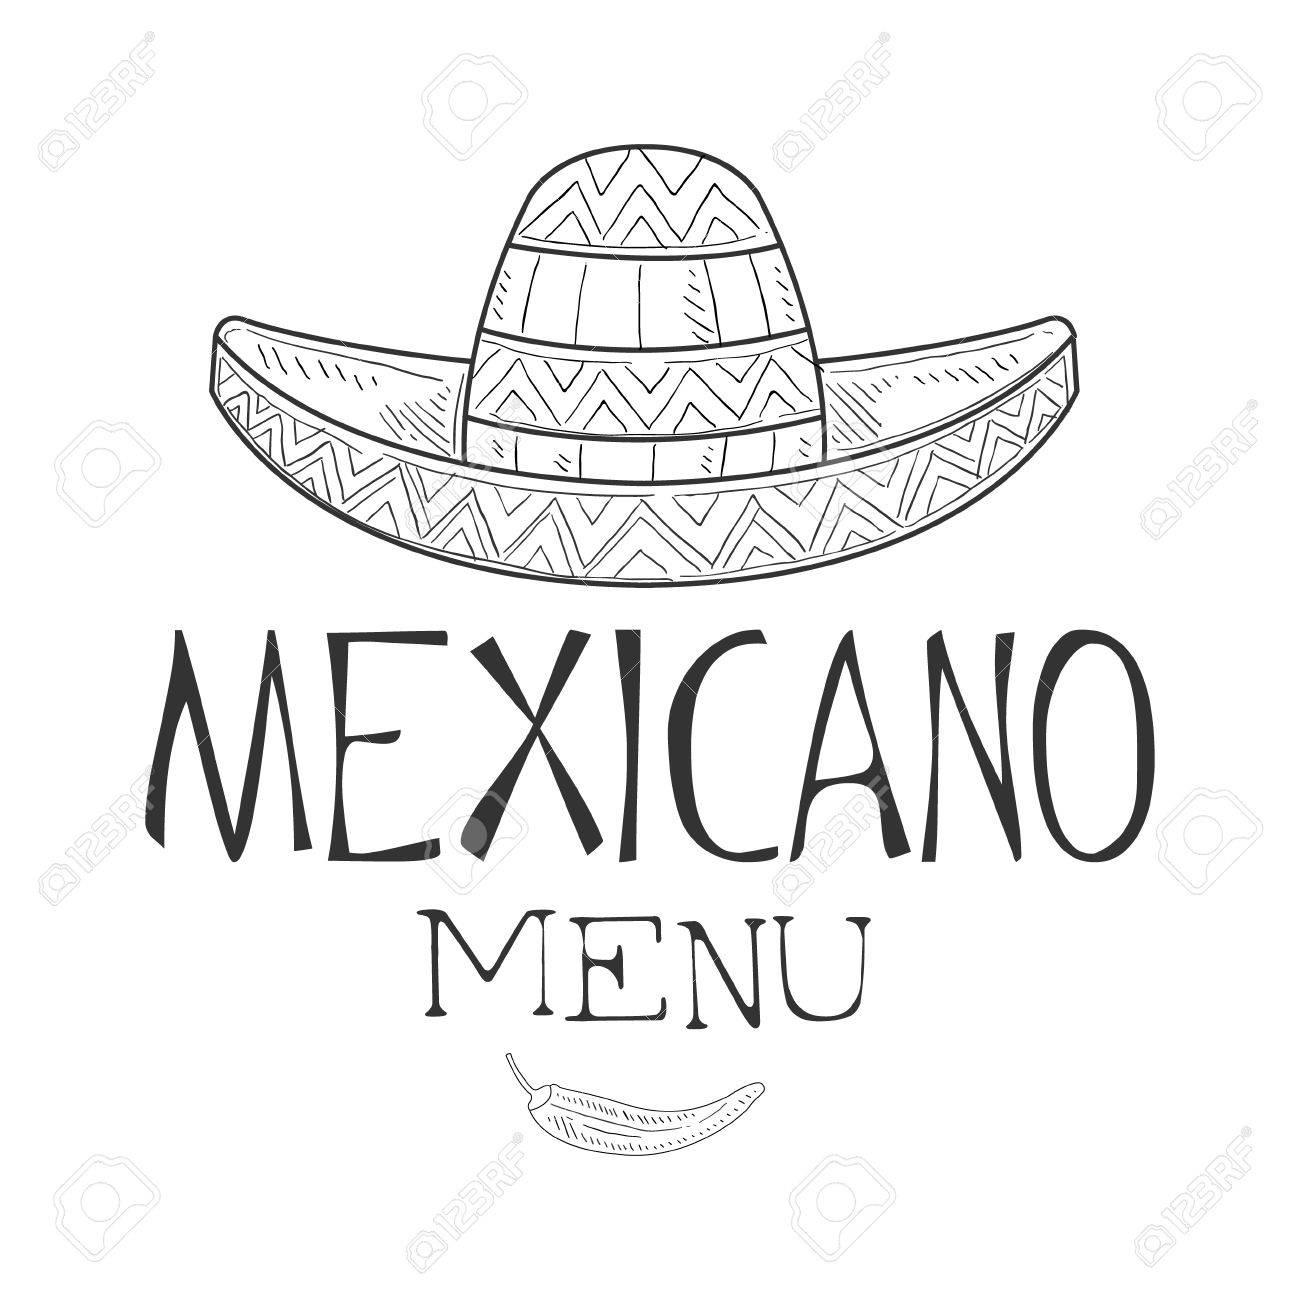 89fada9db5ac7 Foto de archivo - Restaurante Comida Mexicana Menu Promo Inicia sesión  Esbozo Estilo Con sombrero Sombrero Y Chili Pepper